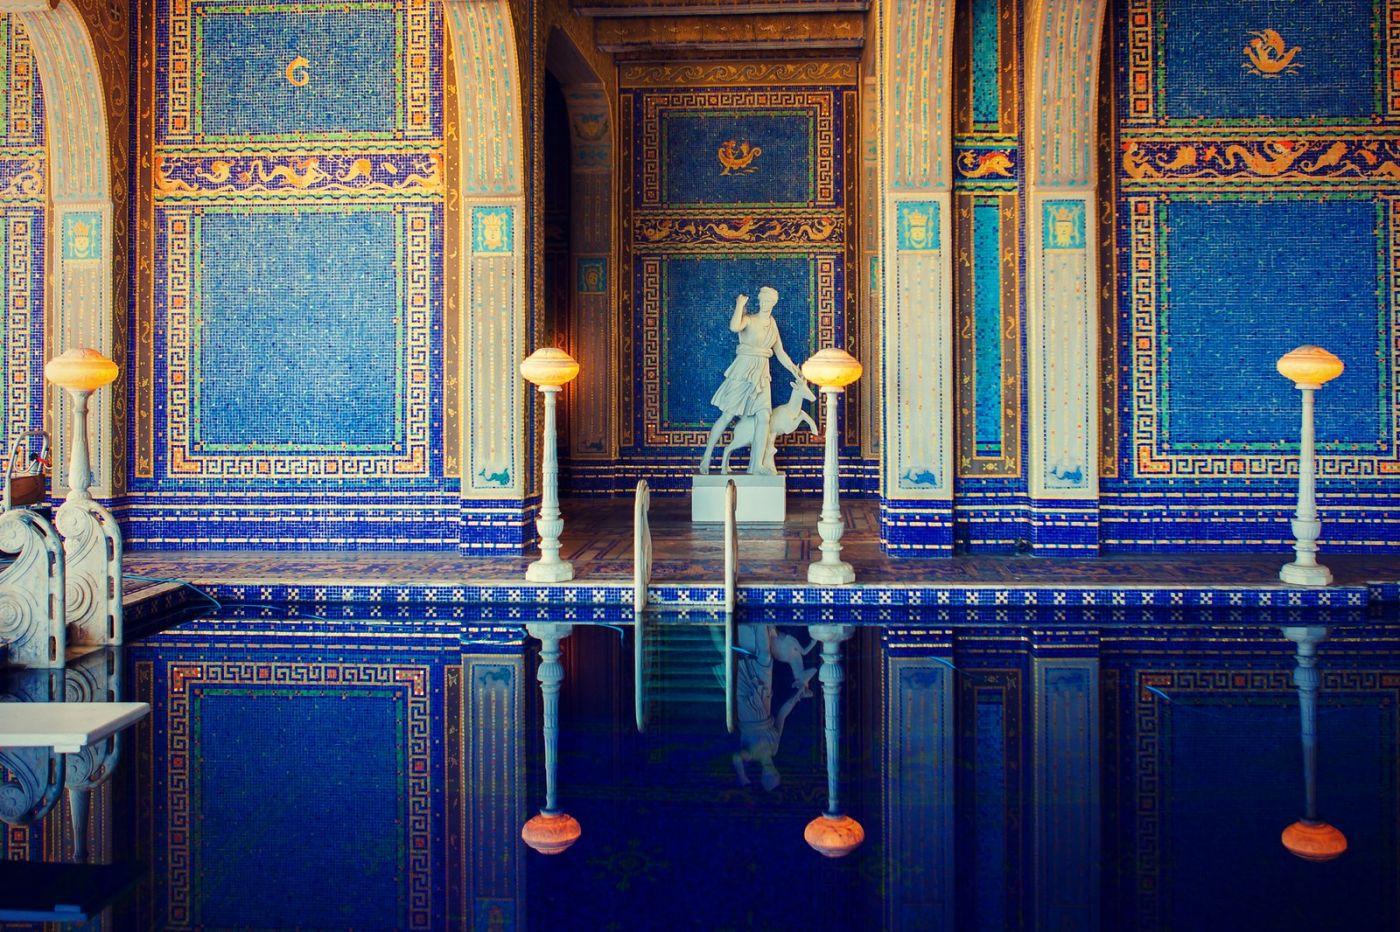 加州赫斯特城堡,主人的游泳池很开眼_图1-7